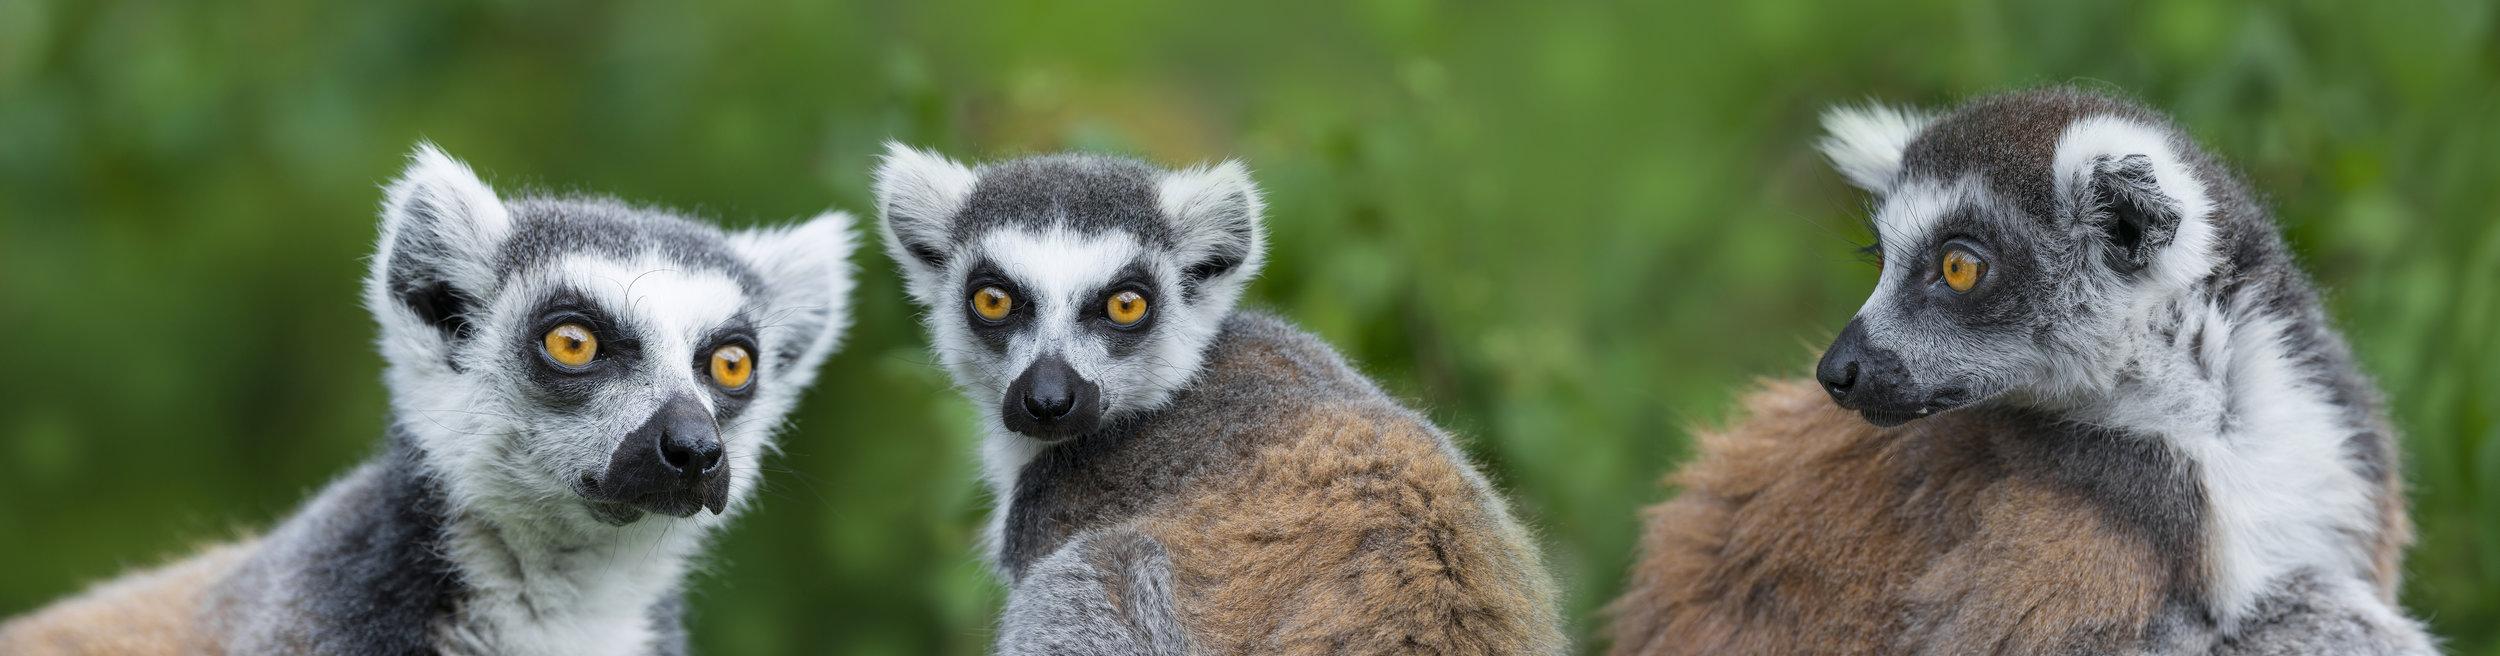 ring - tailed lemur (Lemur catta)